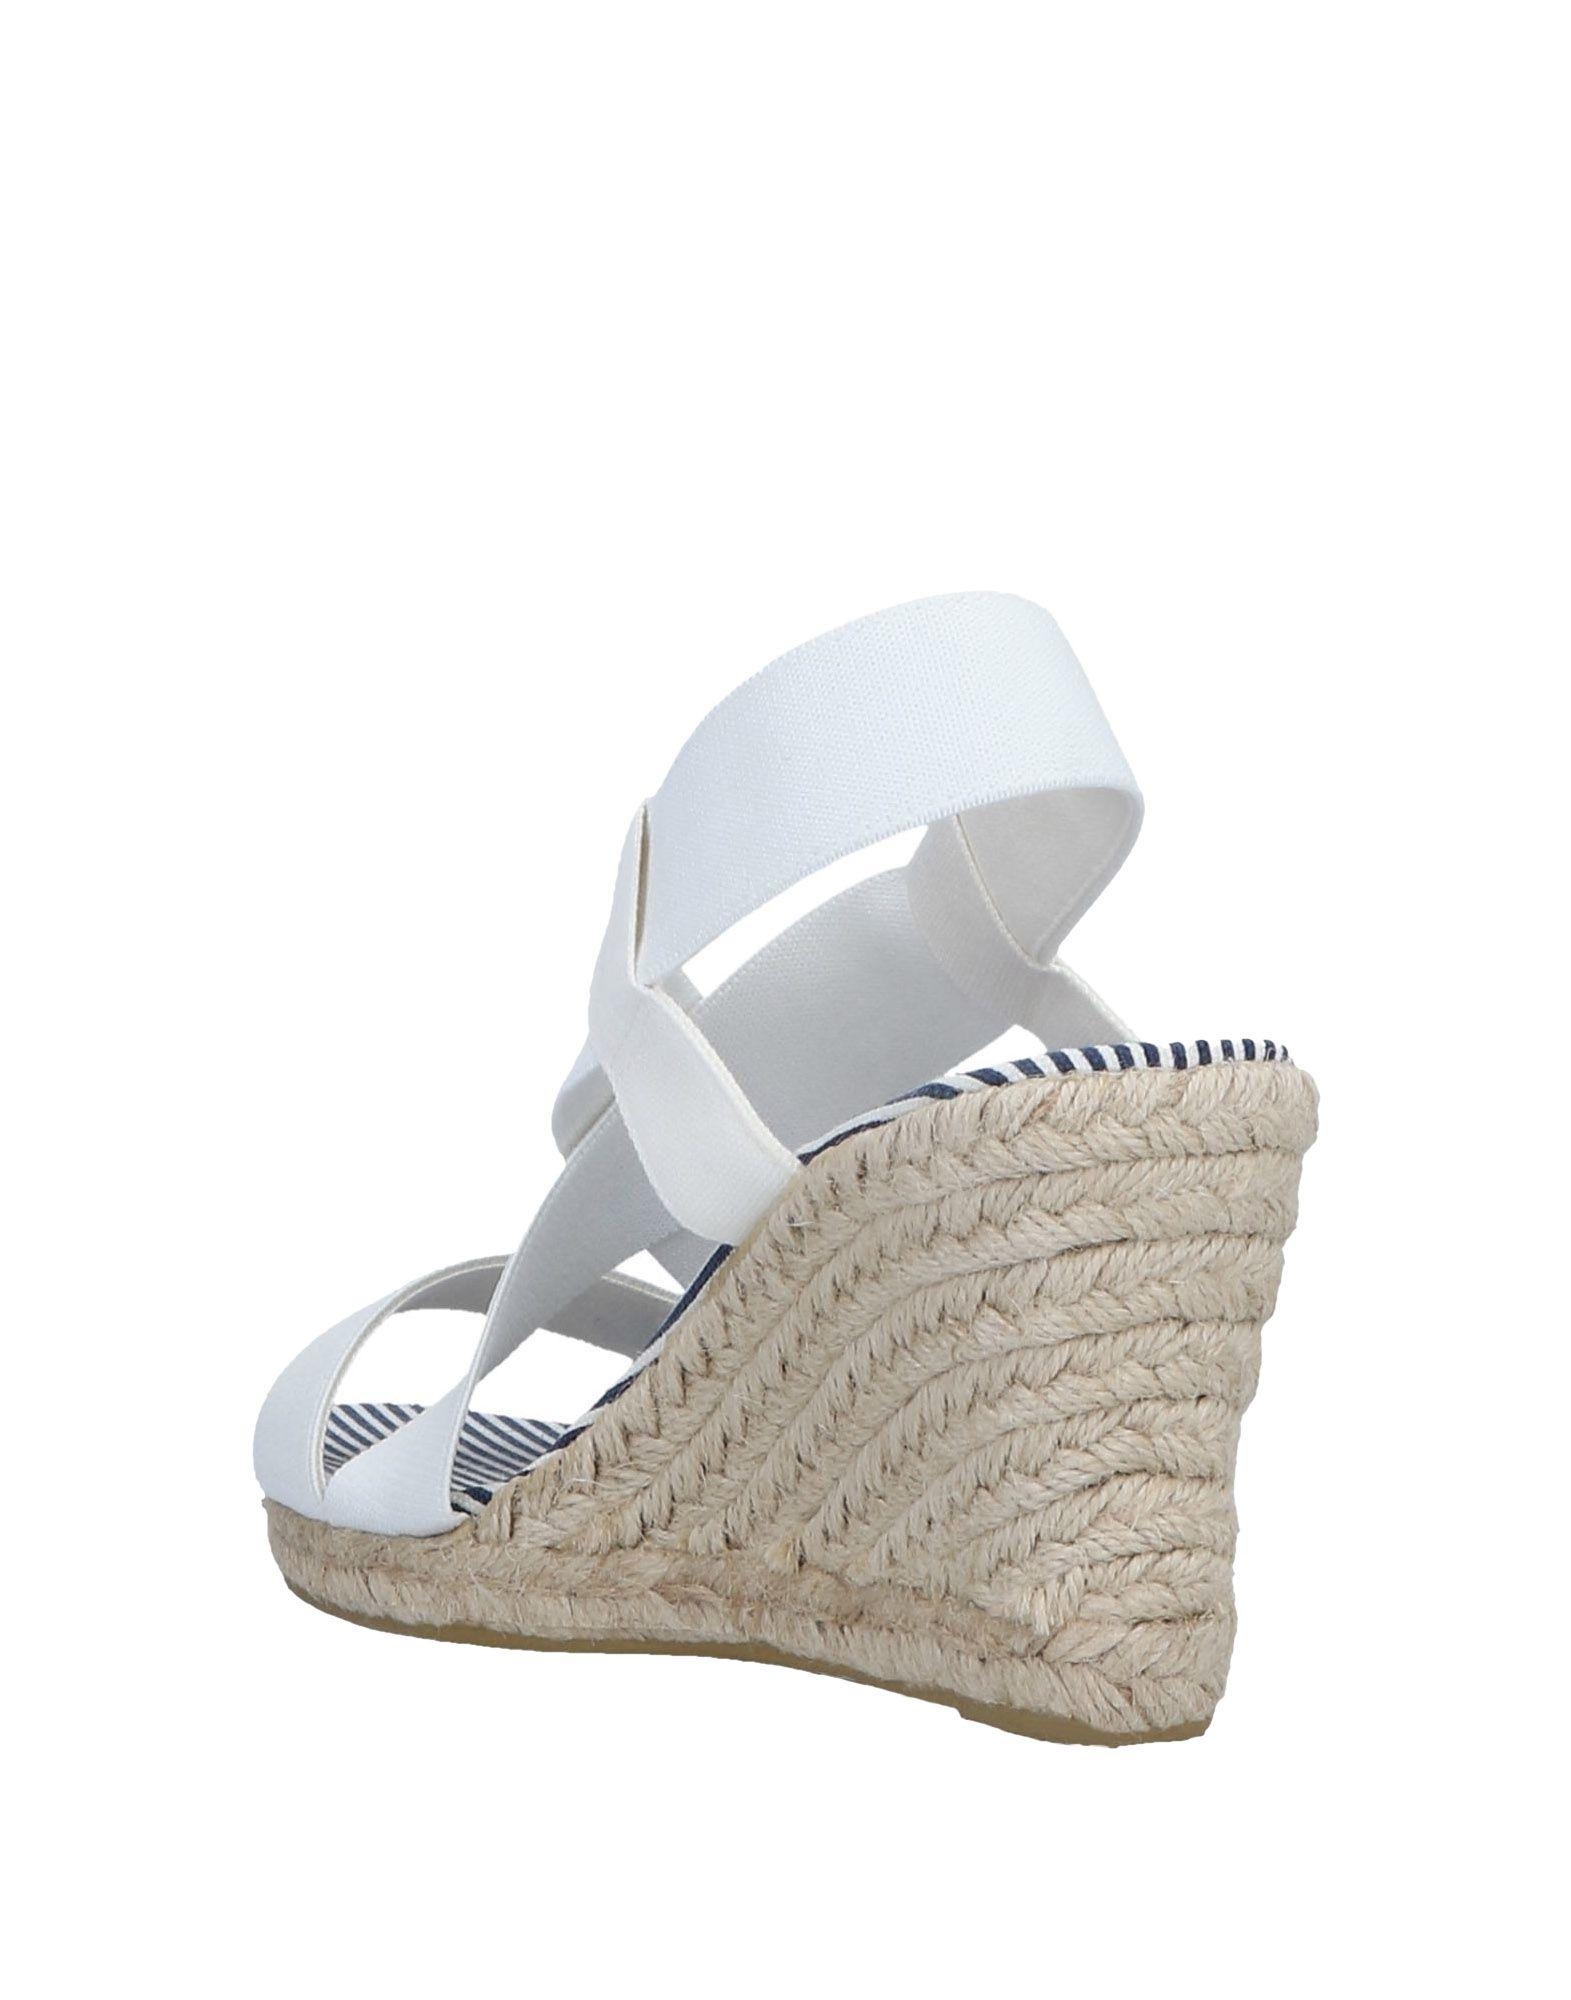 U.S.Polo Assn. Espadrilles Damen beliebte  11506136TT Gute Qualität beliebte Damen Schuhe e86f03